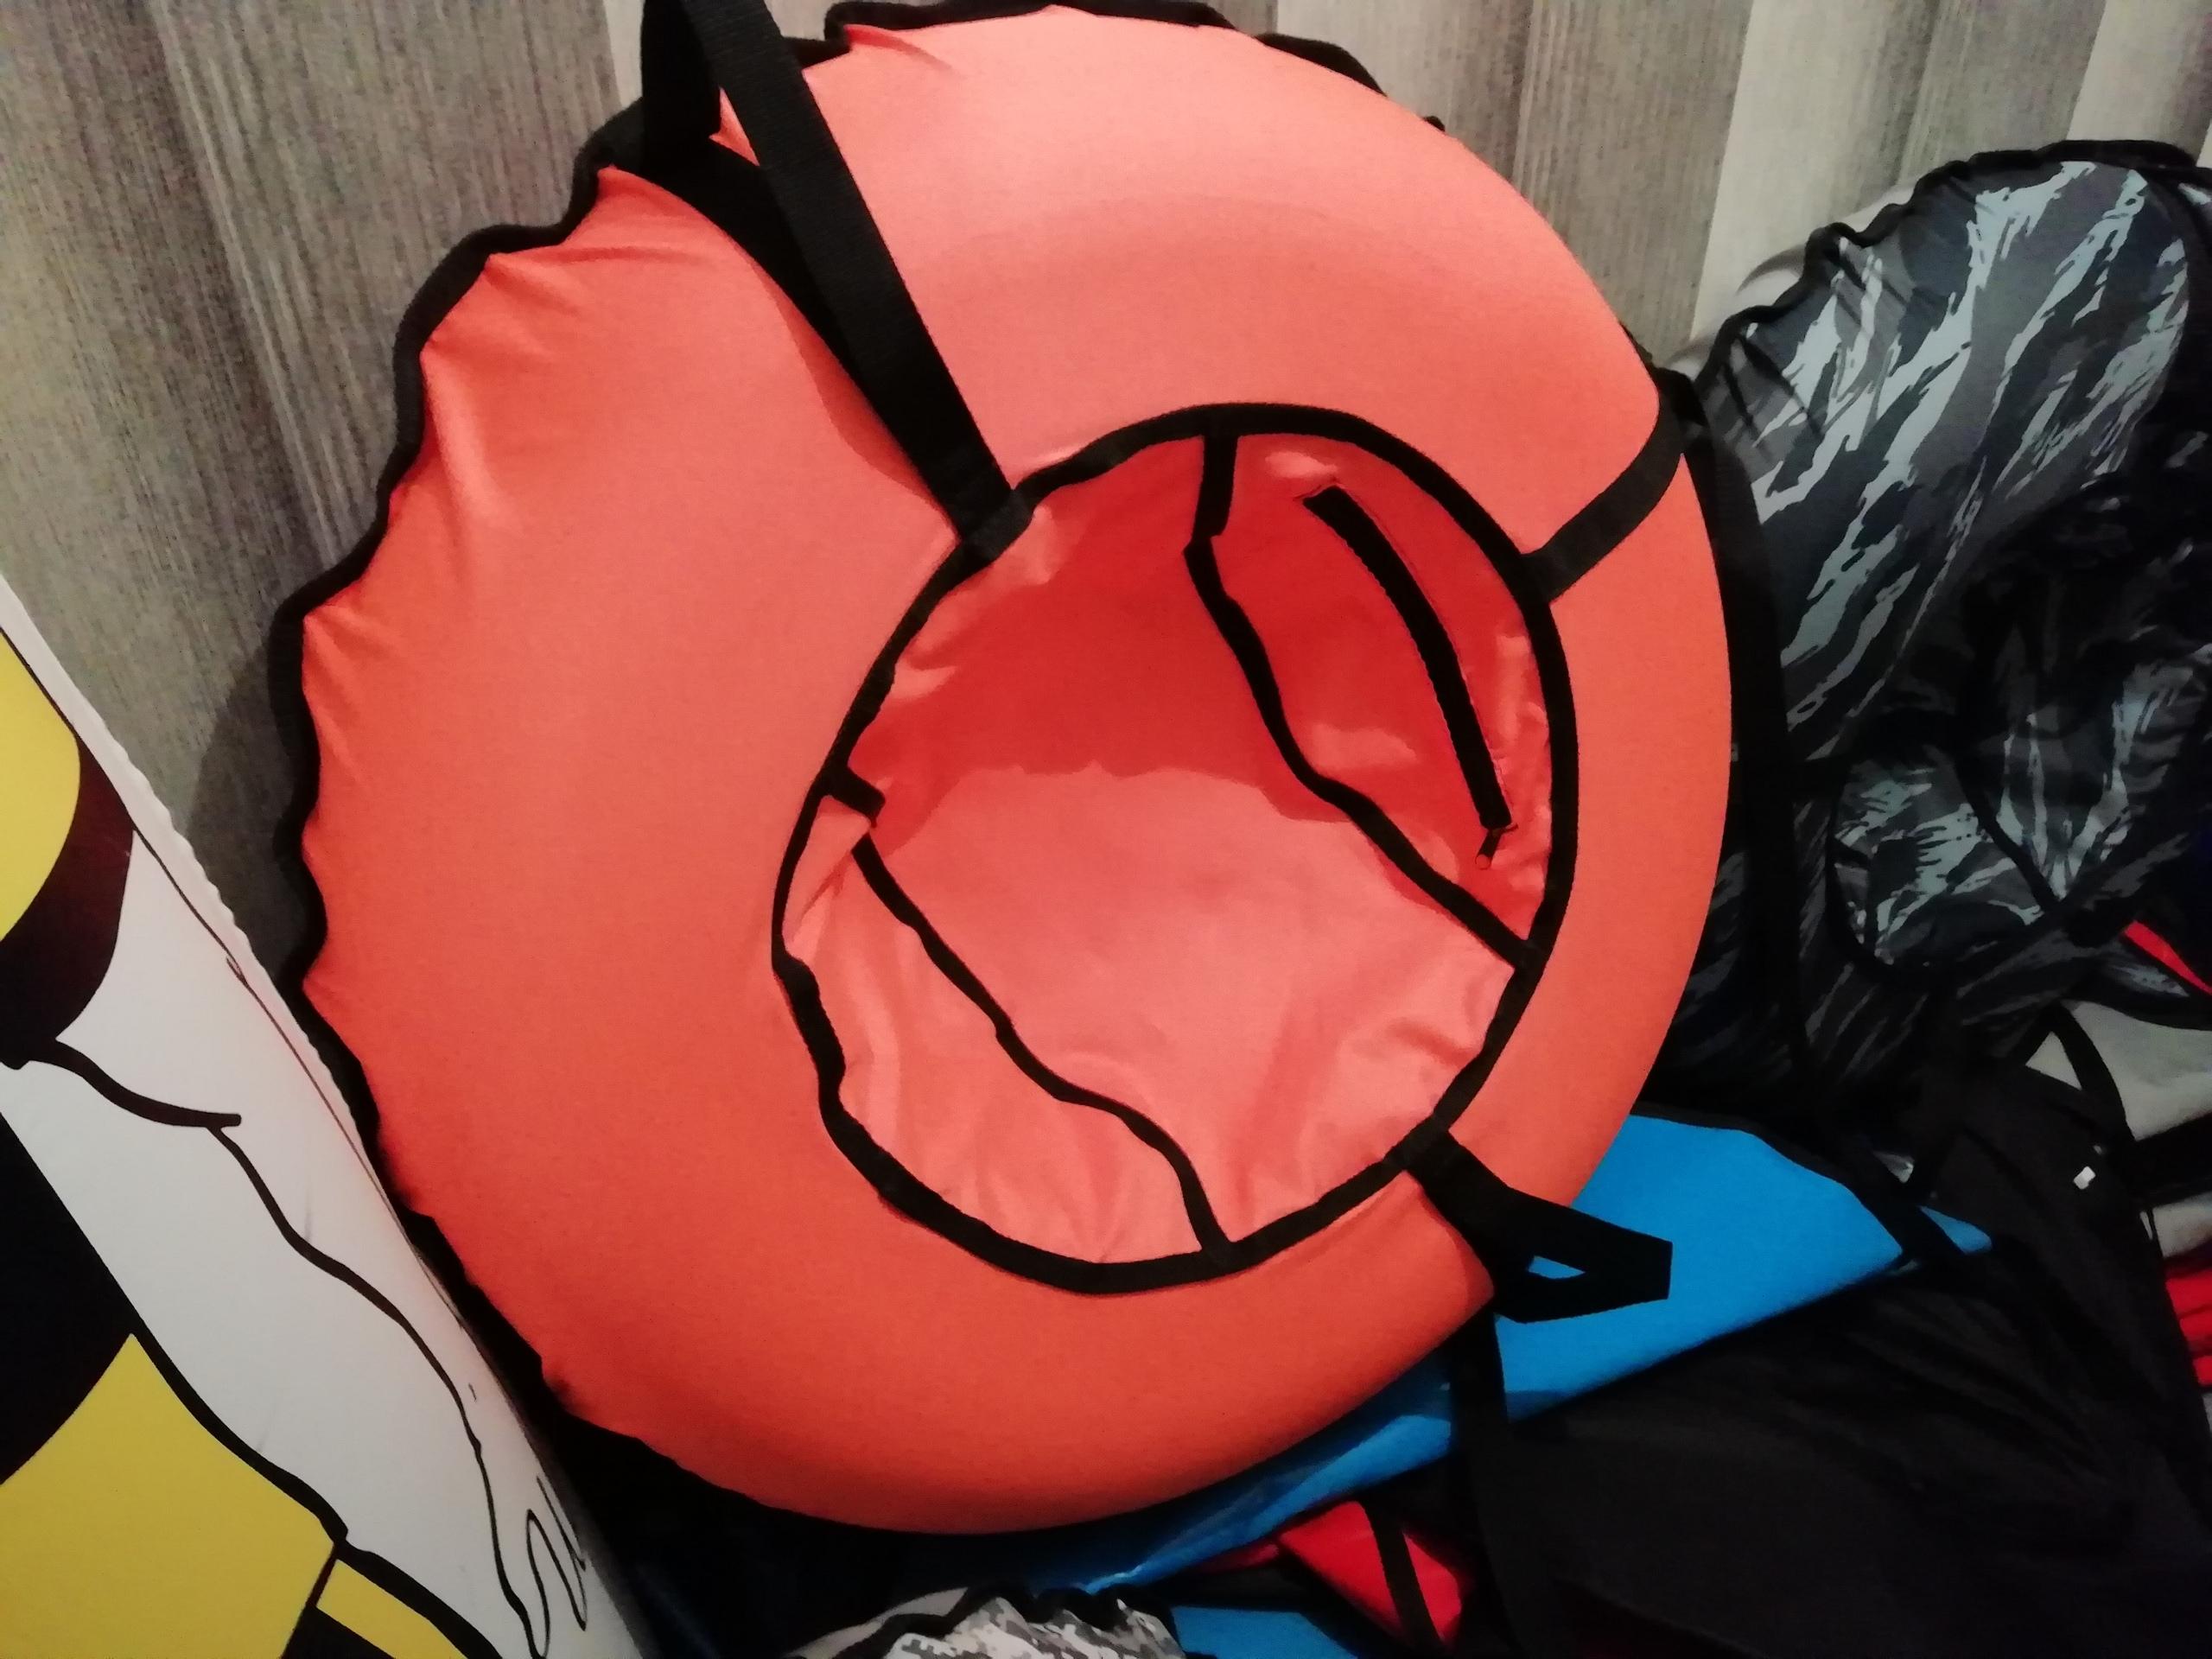 надувные санки купить в самаре